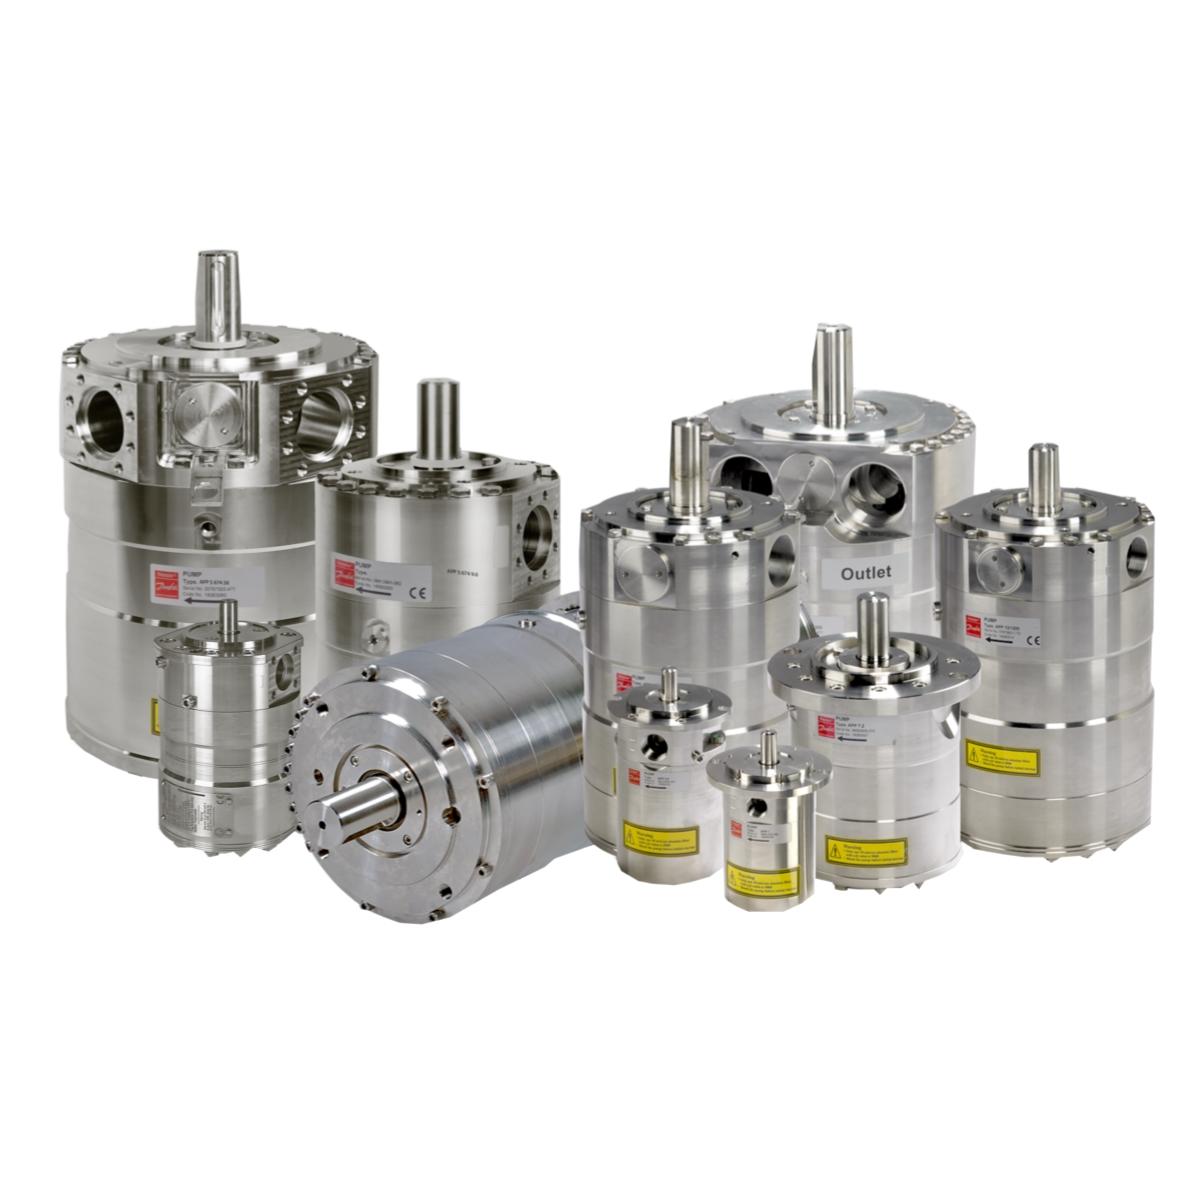 High Pressure Piston Pump : Danfoss app b axial piston high pressure pump